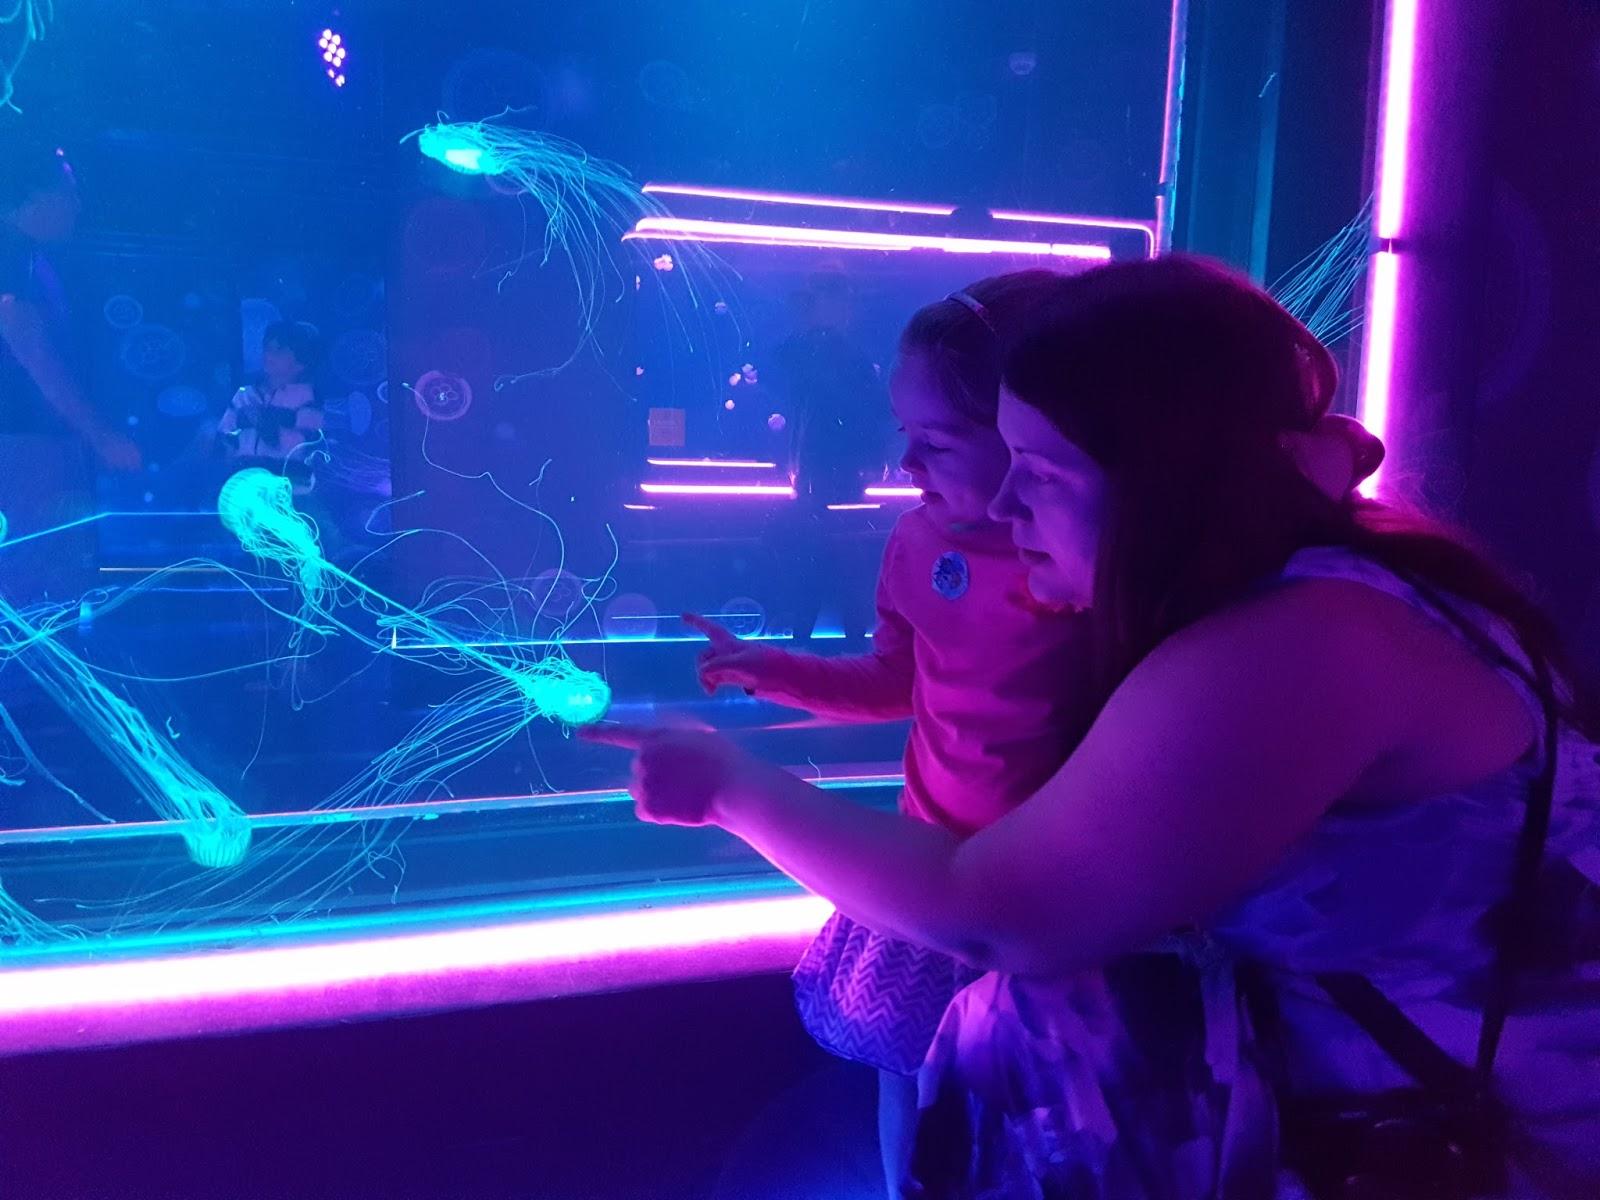 mum pointing at jellyfish